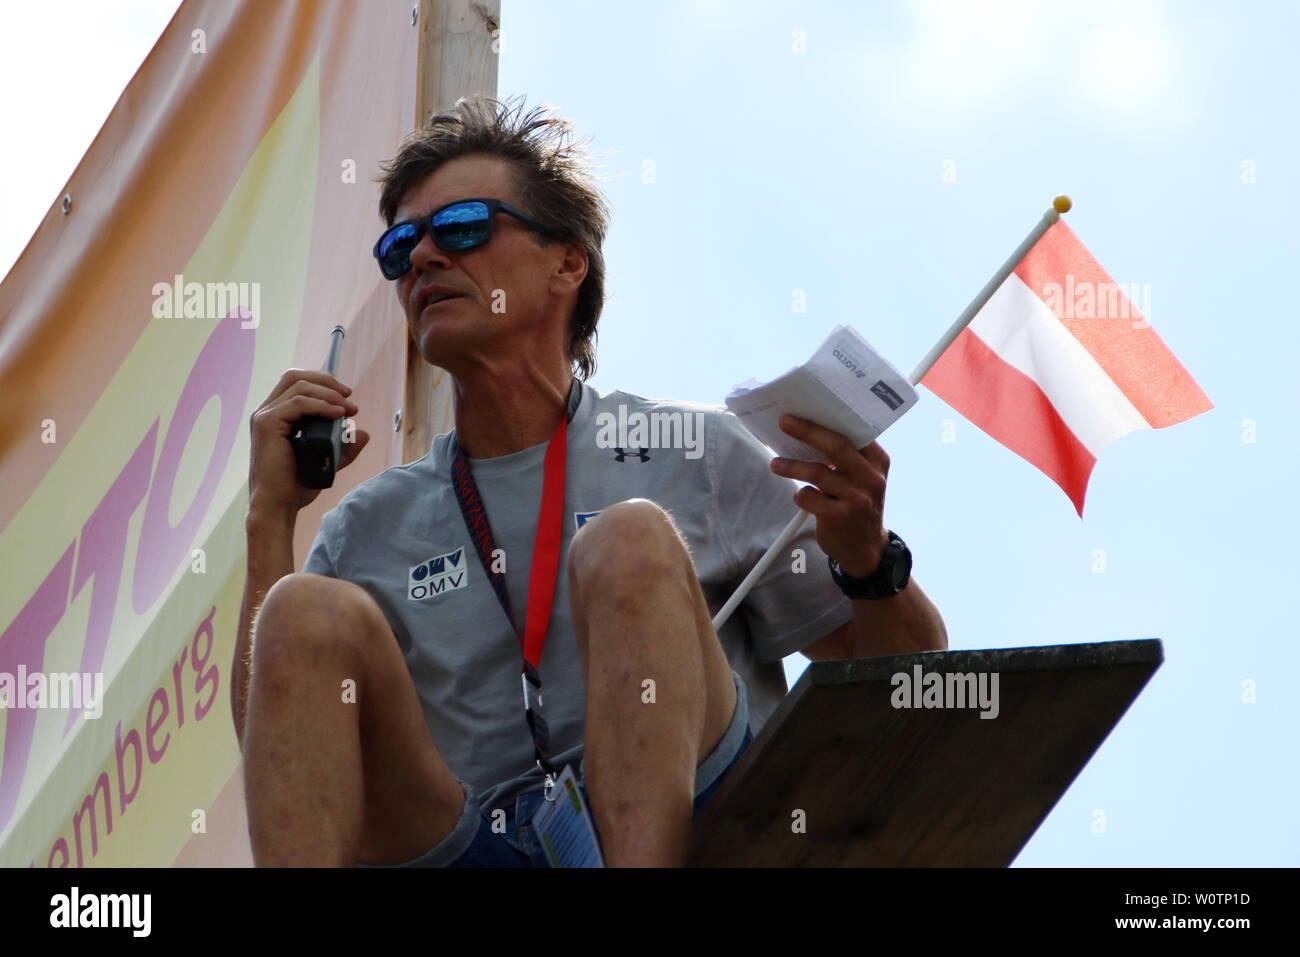 Andreas Felder, Cheftrainer Skisprung, Team Oesterreich beim Skispringen Qualifikation FIS Sommer Grand Prix 2018 Hinterzarten - Stock Image